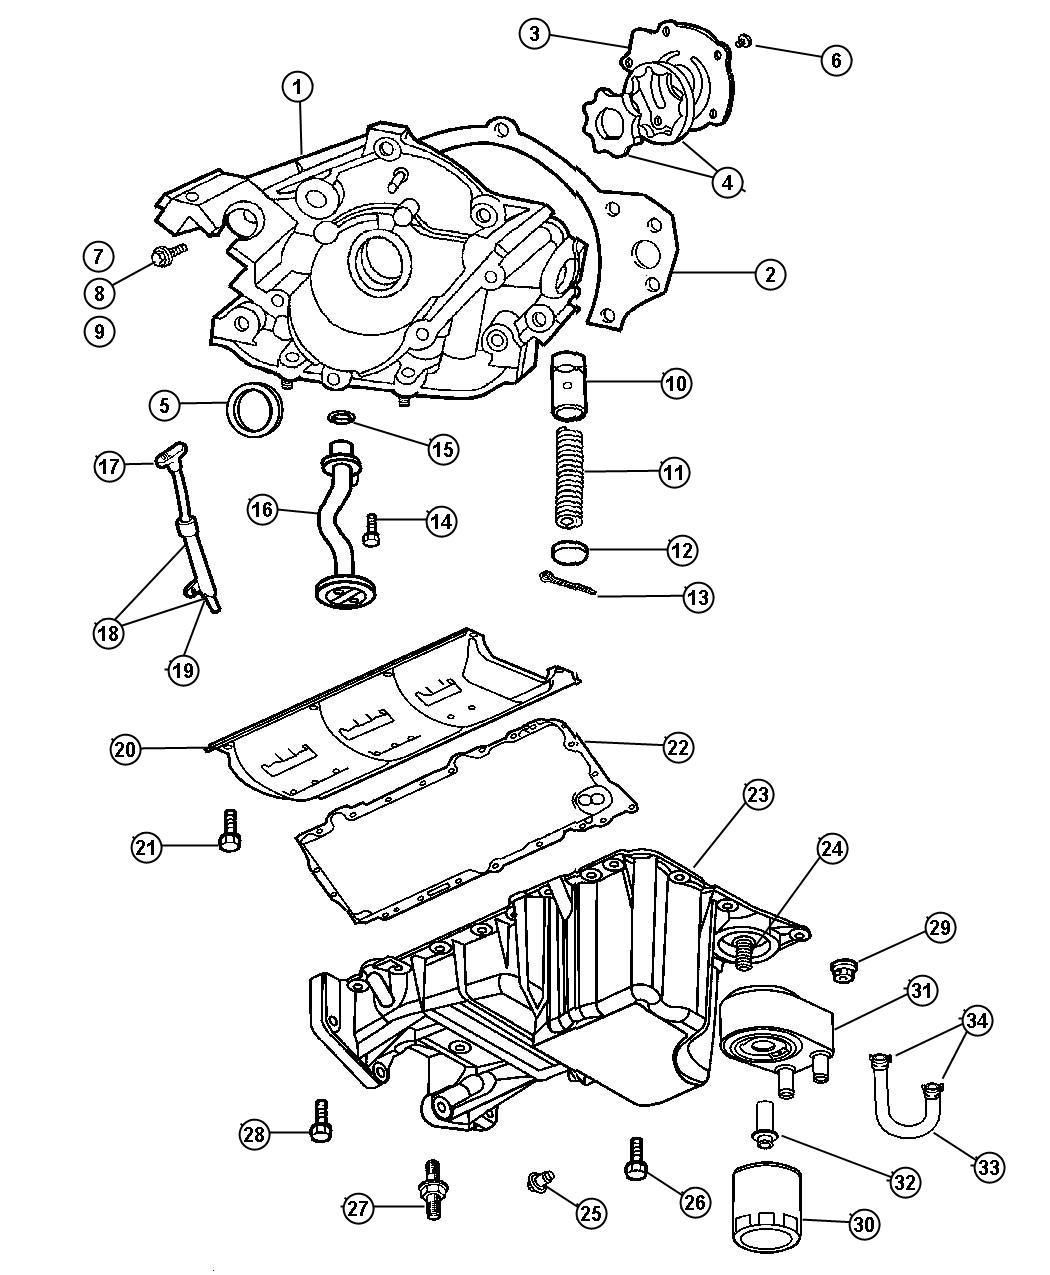 Chrysler Engine Oiling 3 5l Egg